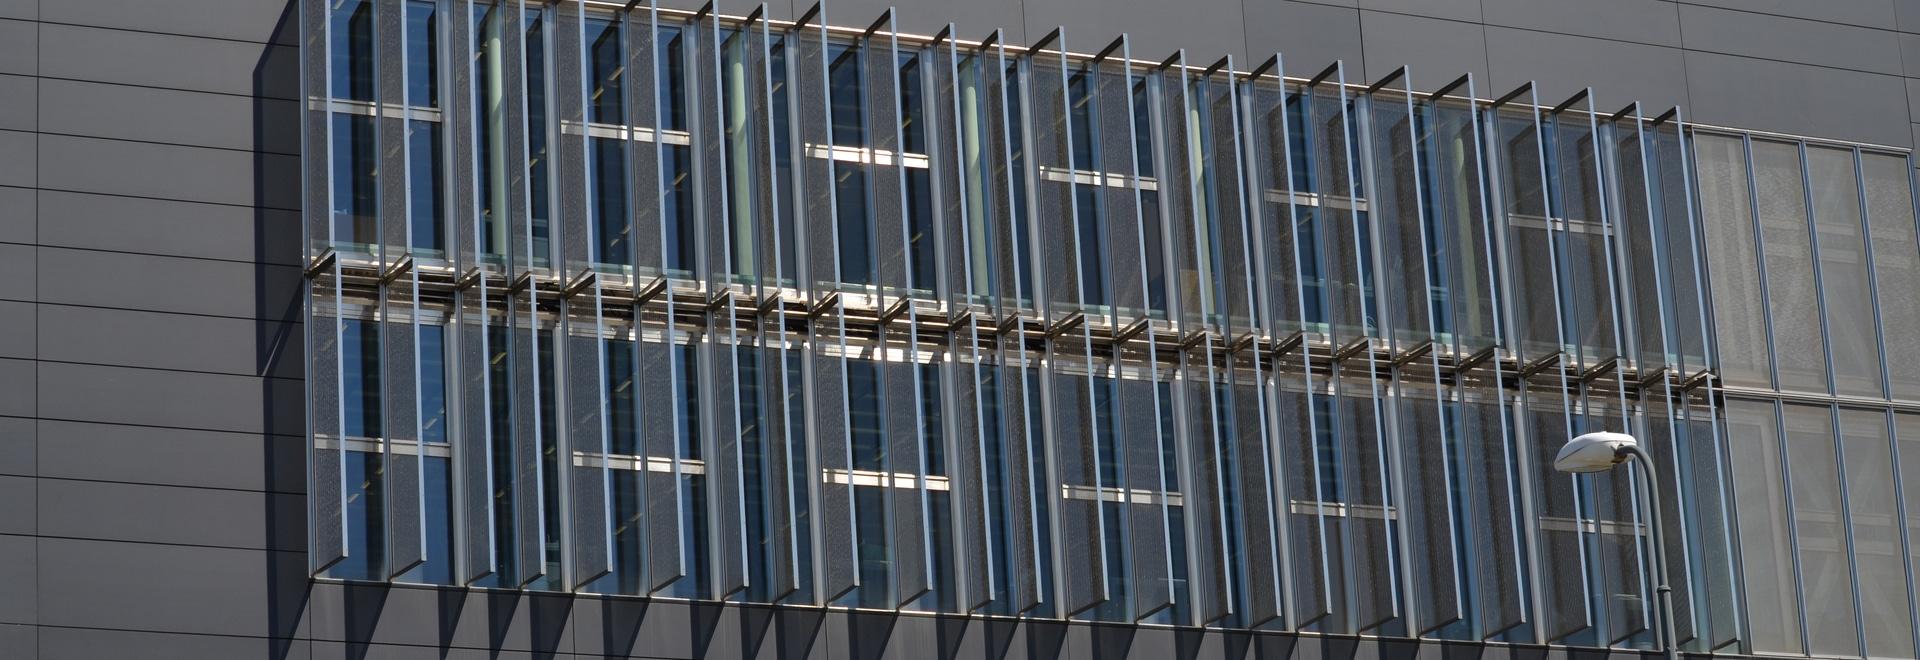 Protecciones solares - jefaturas de Costacurta, Milán